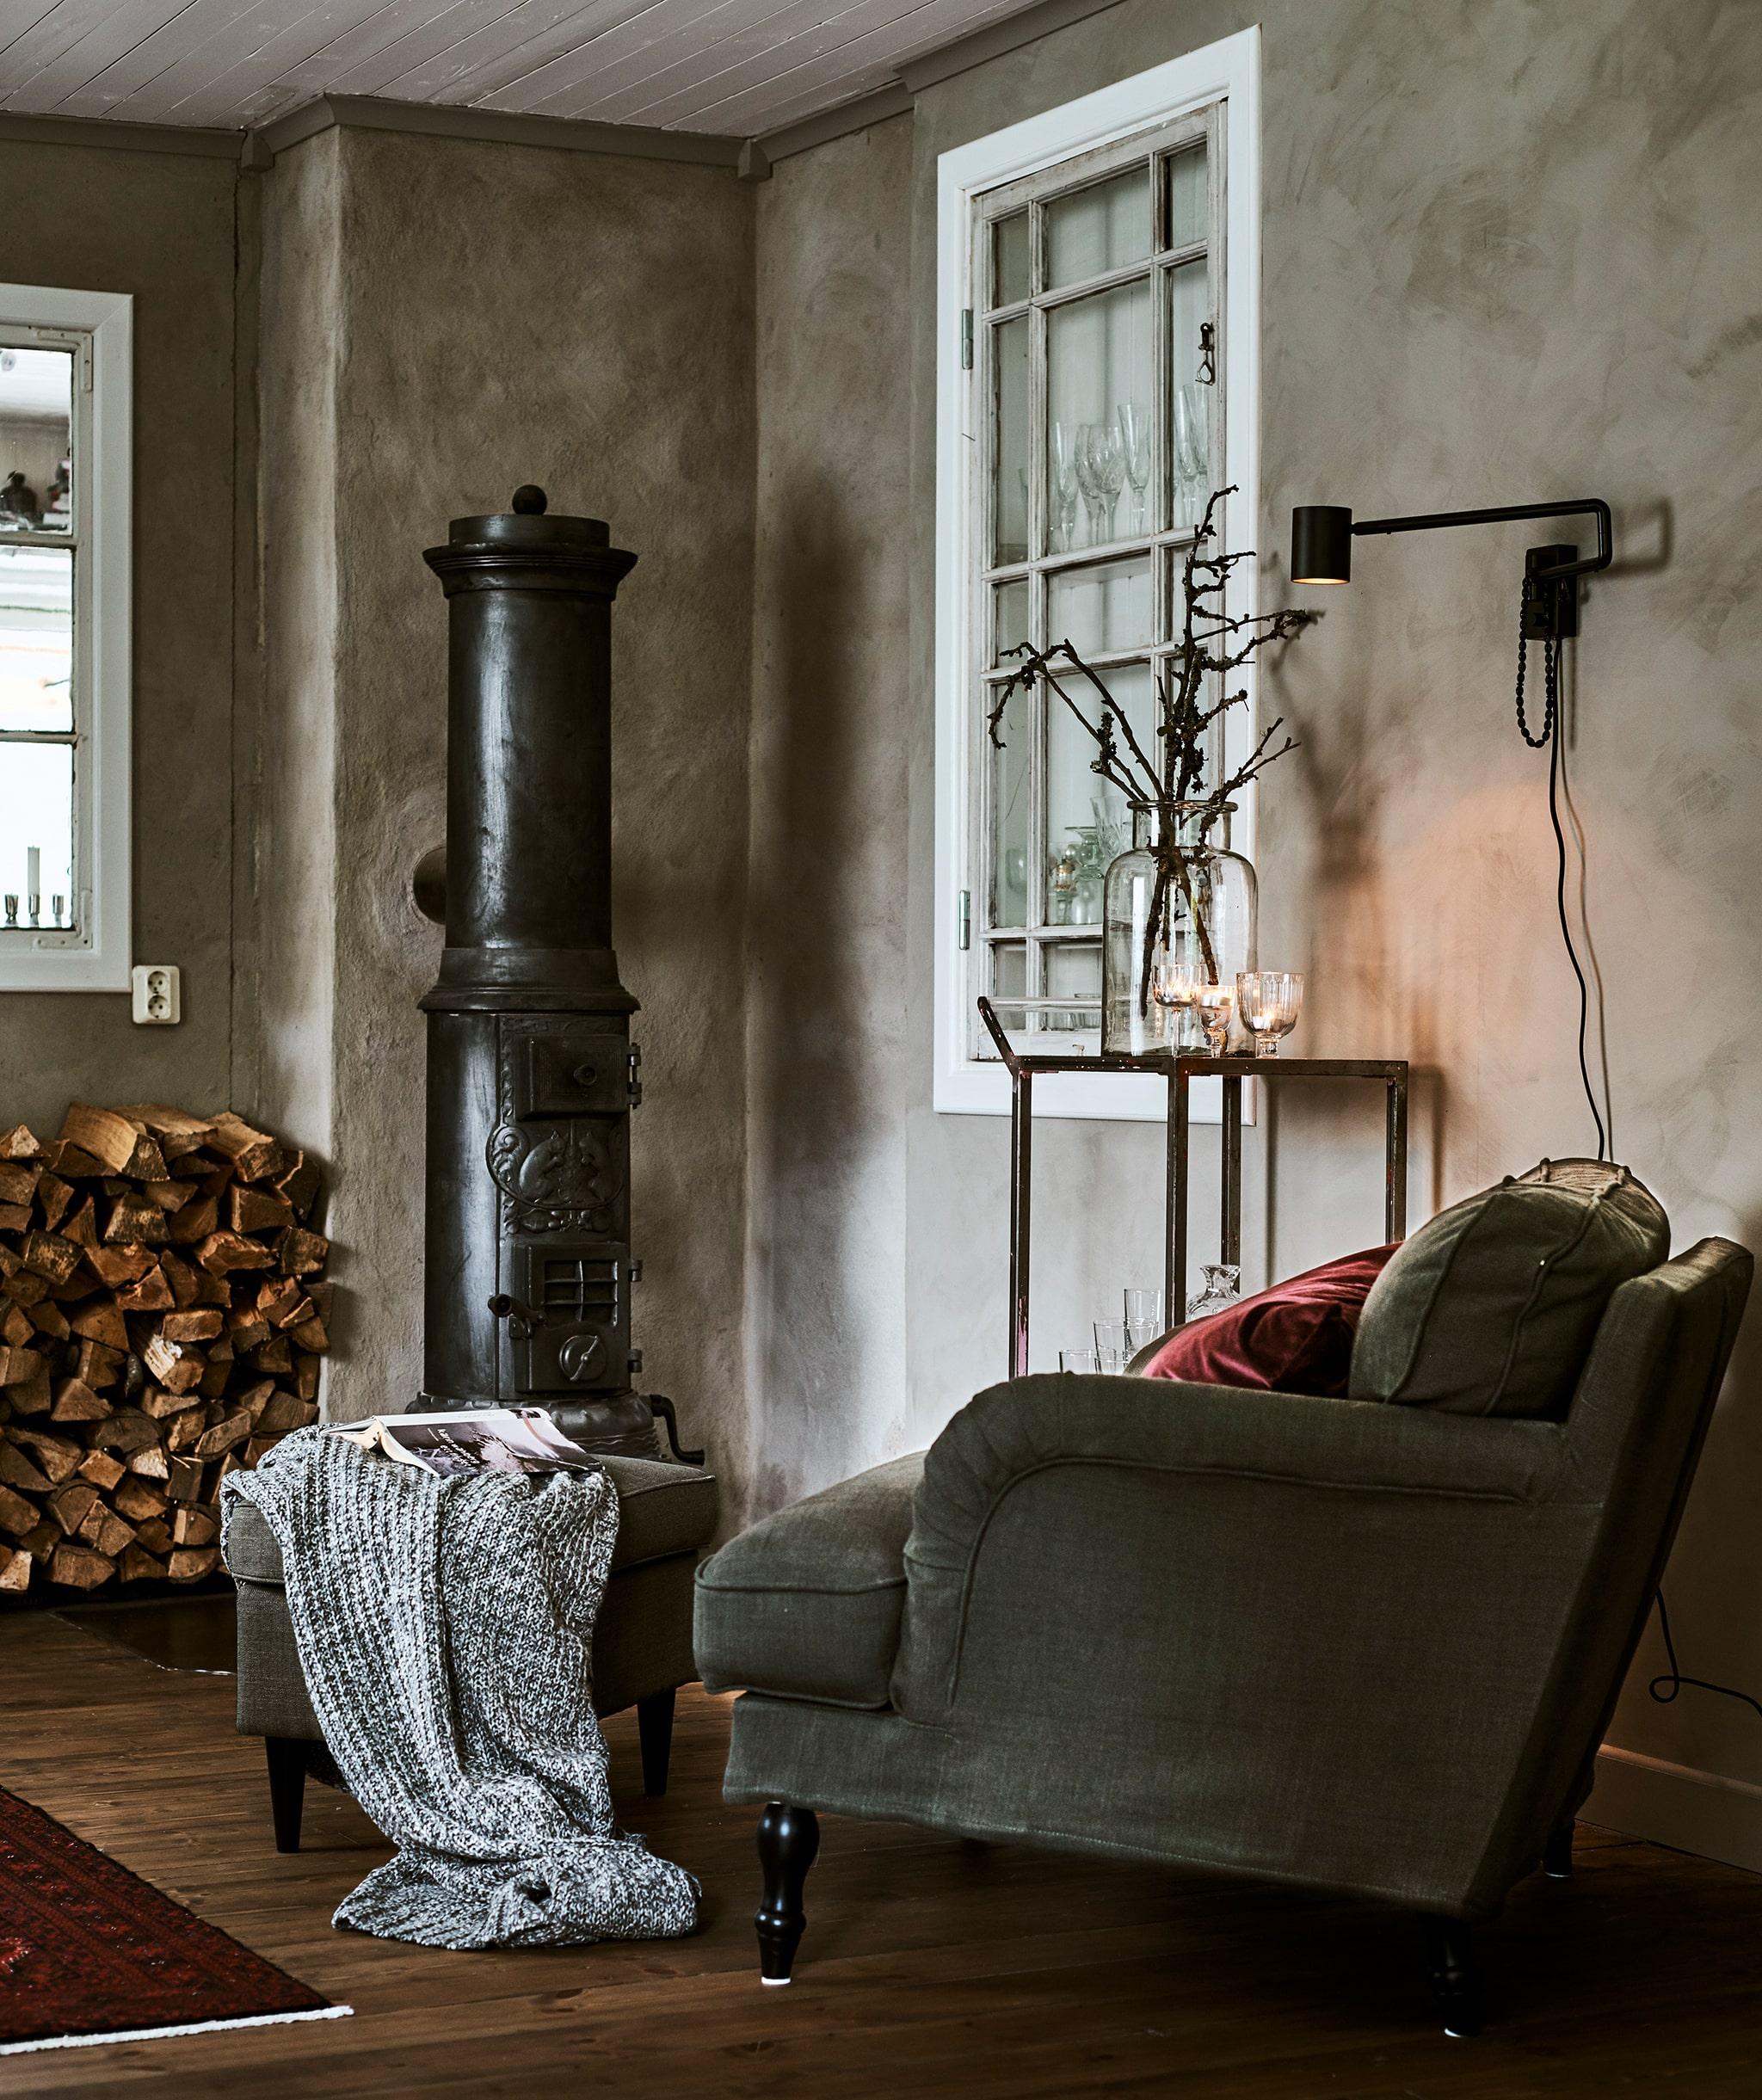 Sudut ruangan berdinding abu-abu dengan kursi berlengan berwarna hijau, bantal merah dan bangku kaki di samping tungku pembakaran kayu dan tumpukan kayu.